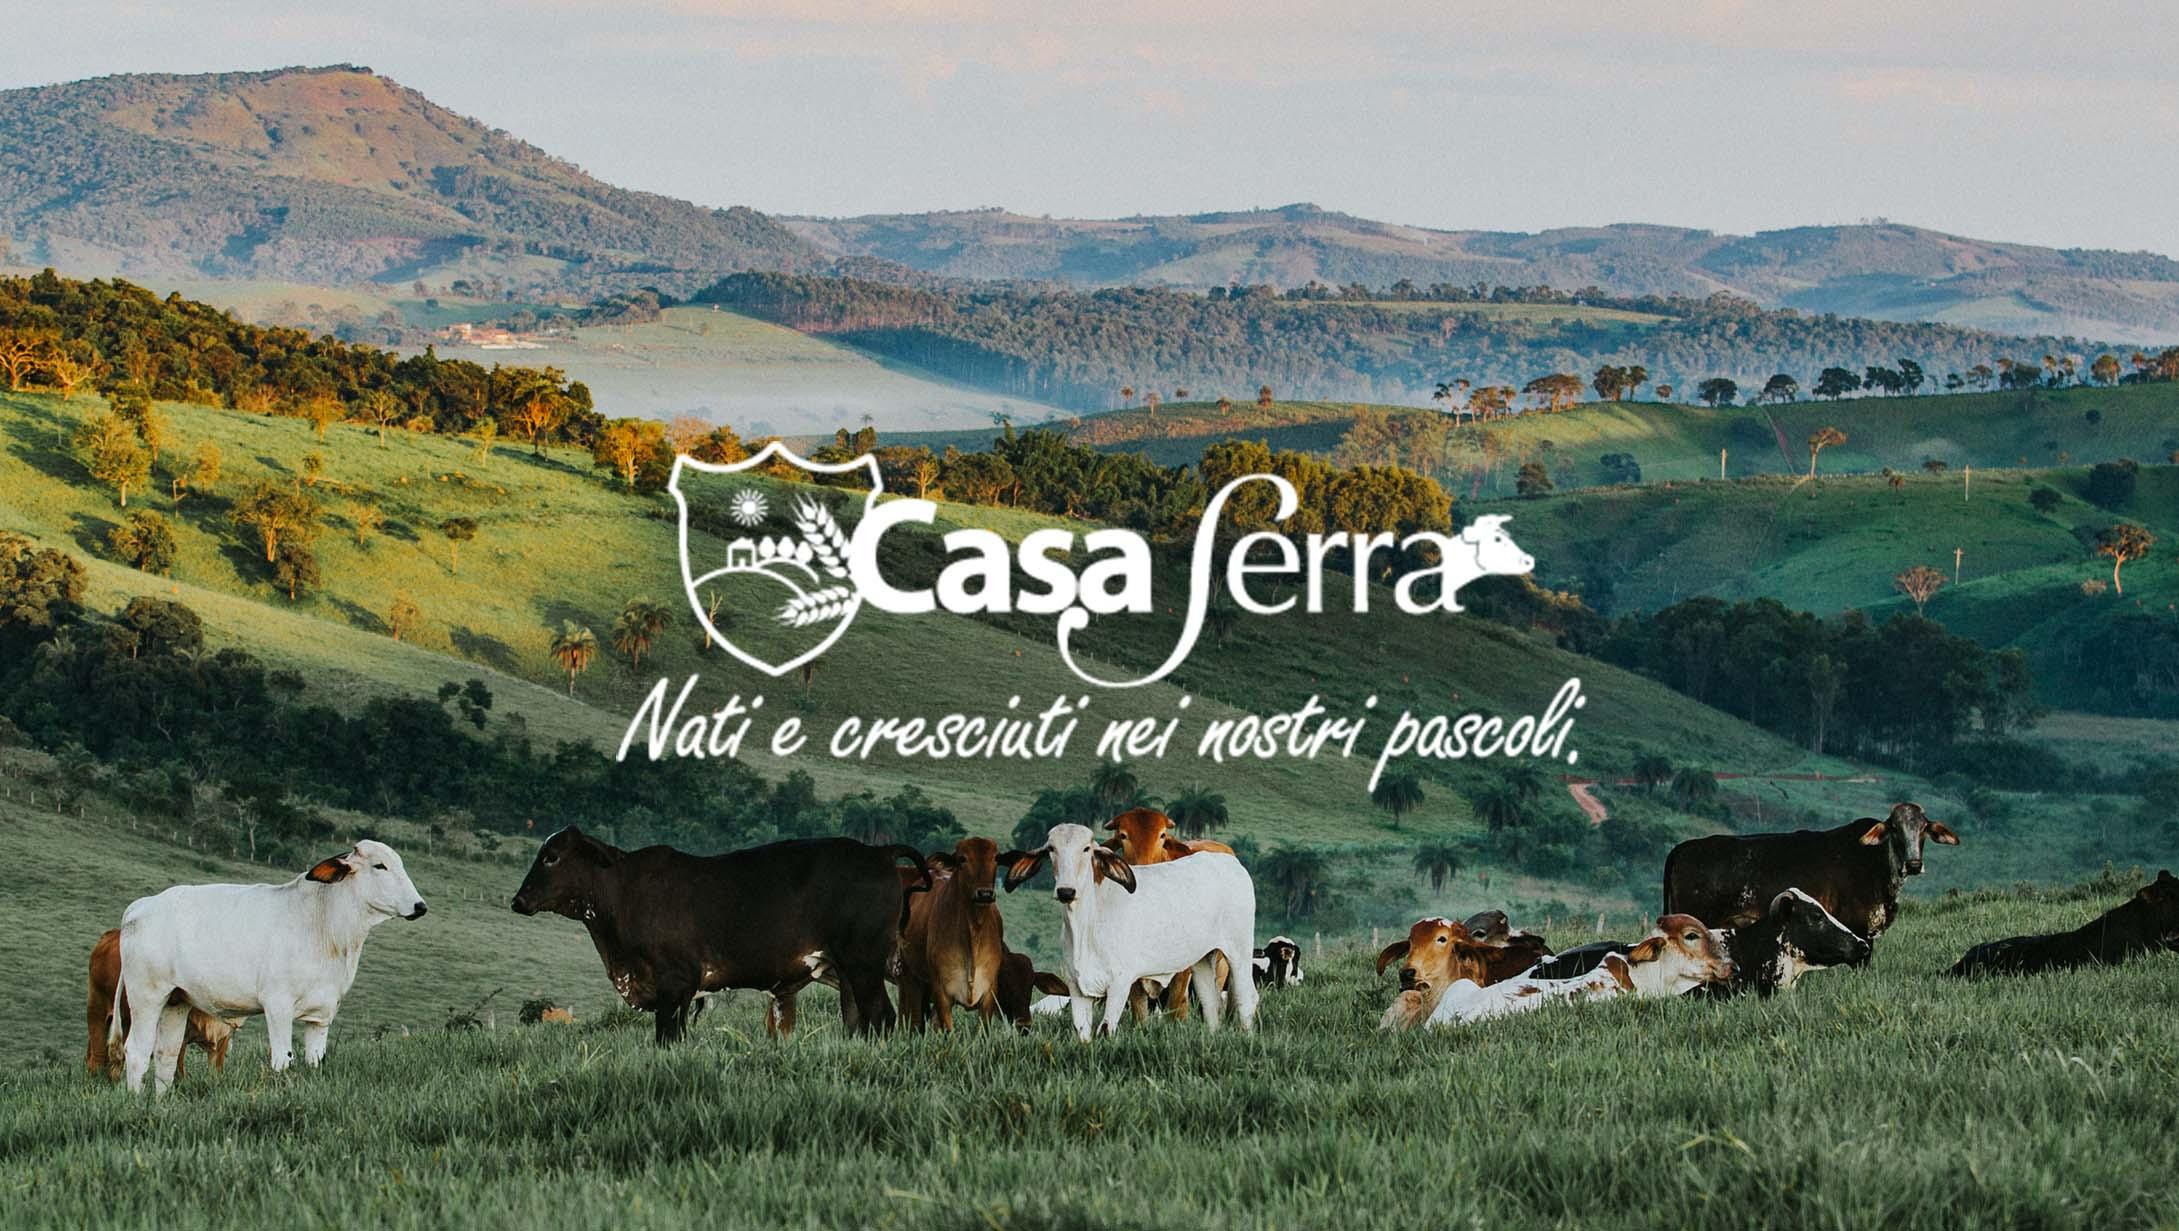 Casaserra